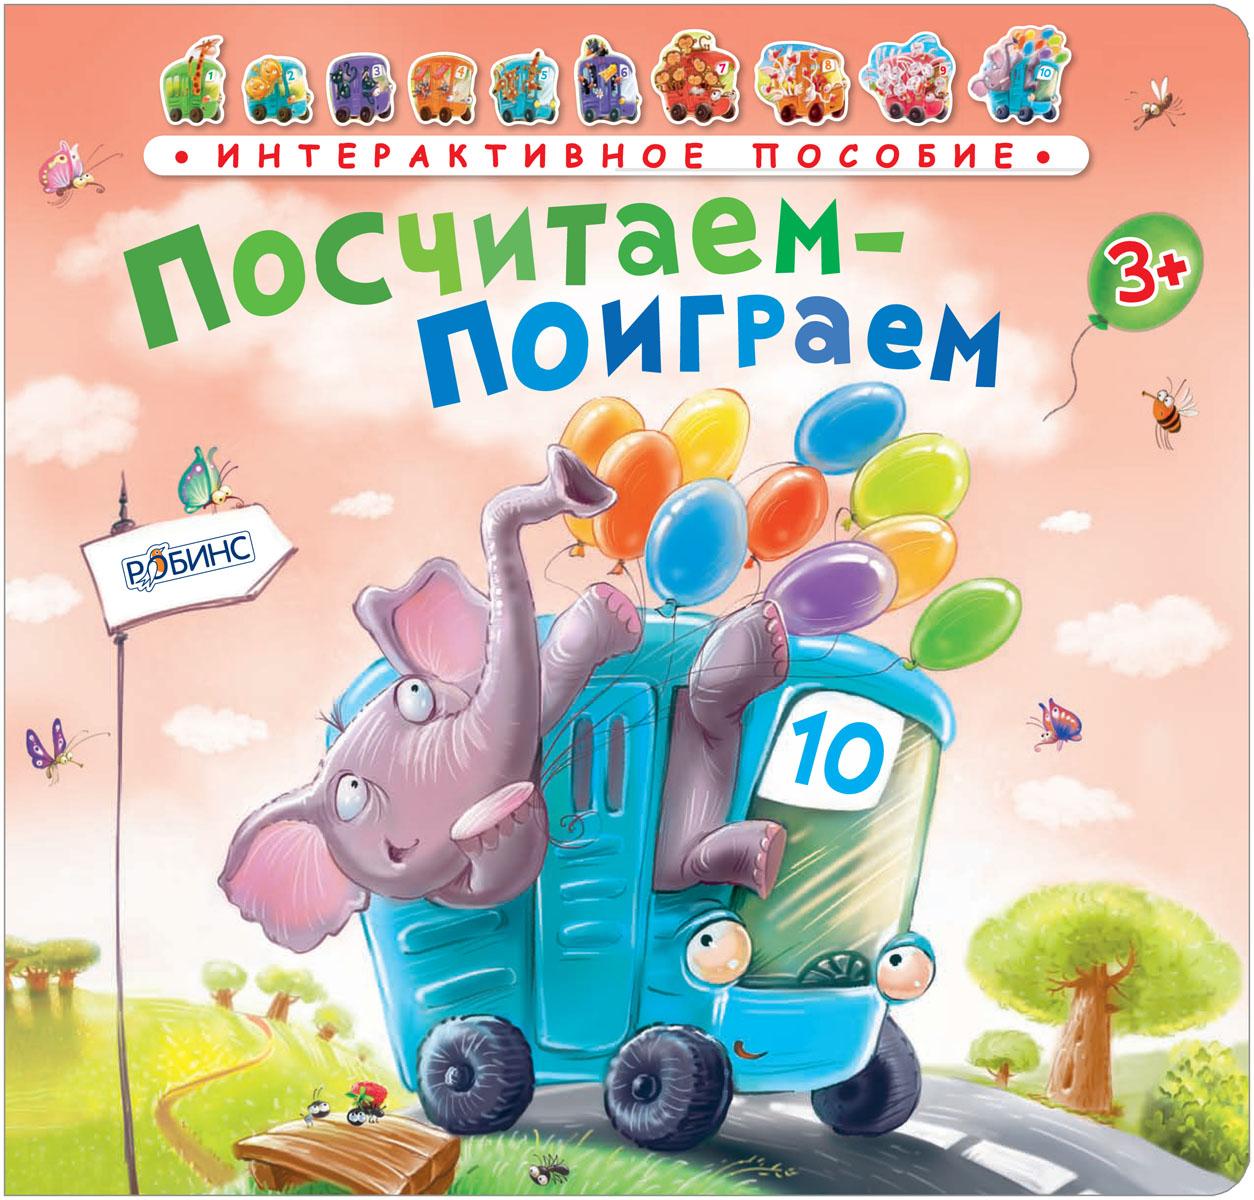 Книга - Посчитаем-поиграем - АвтобусУчим буквы и цифры<br>Книга - Посчитаем-поиграем - Автобус<br>